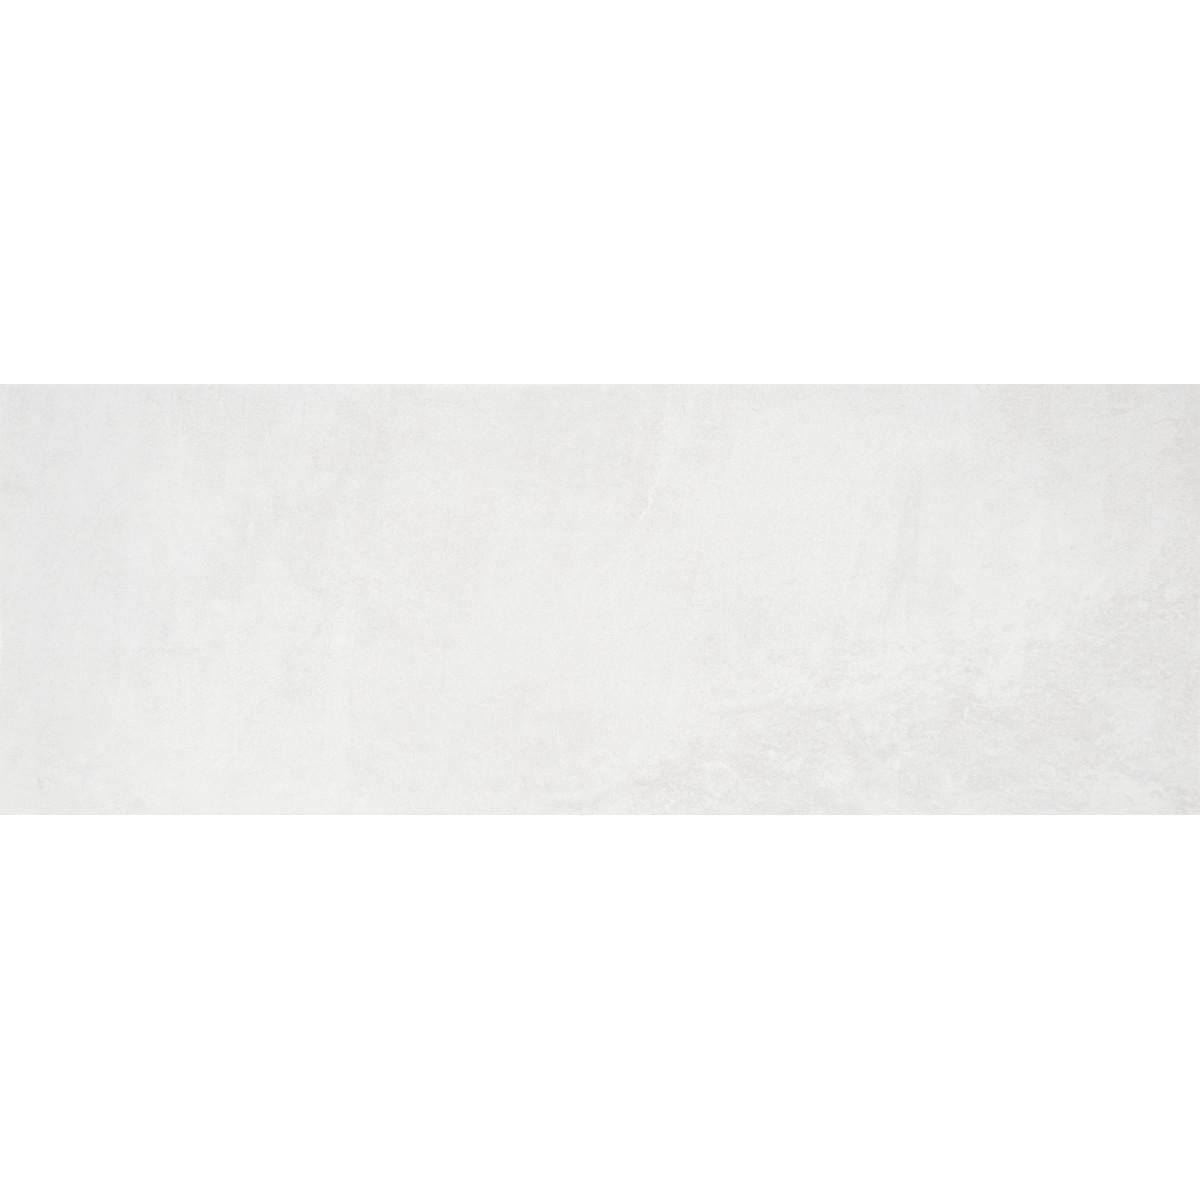 Плитка настенная Route66 Blanco 25х70 см 1.23 м² цвет белый